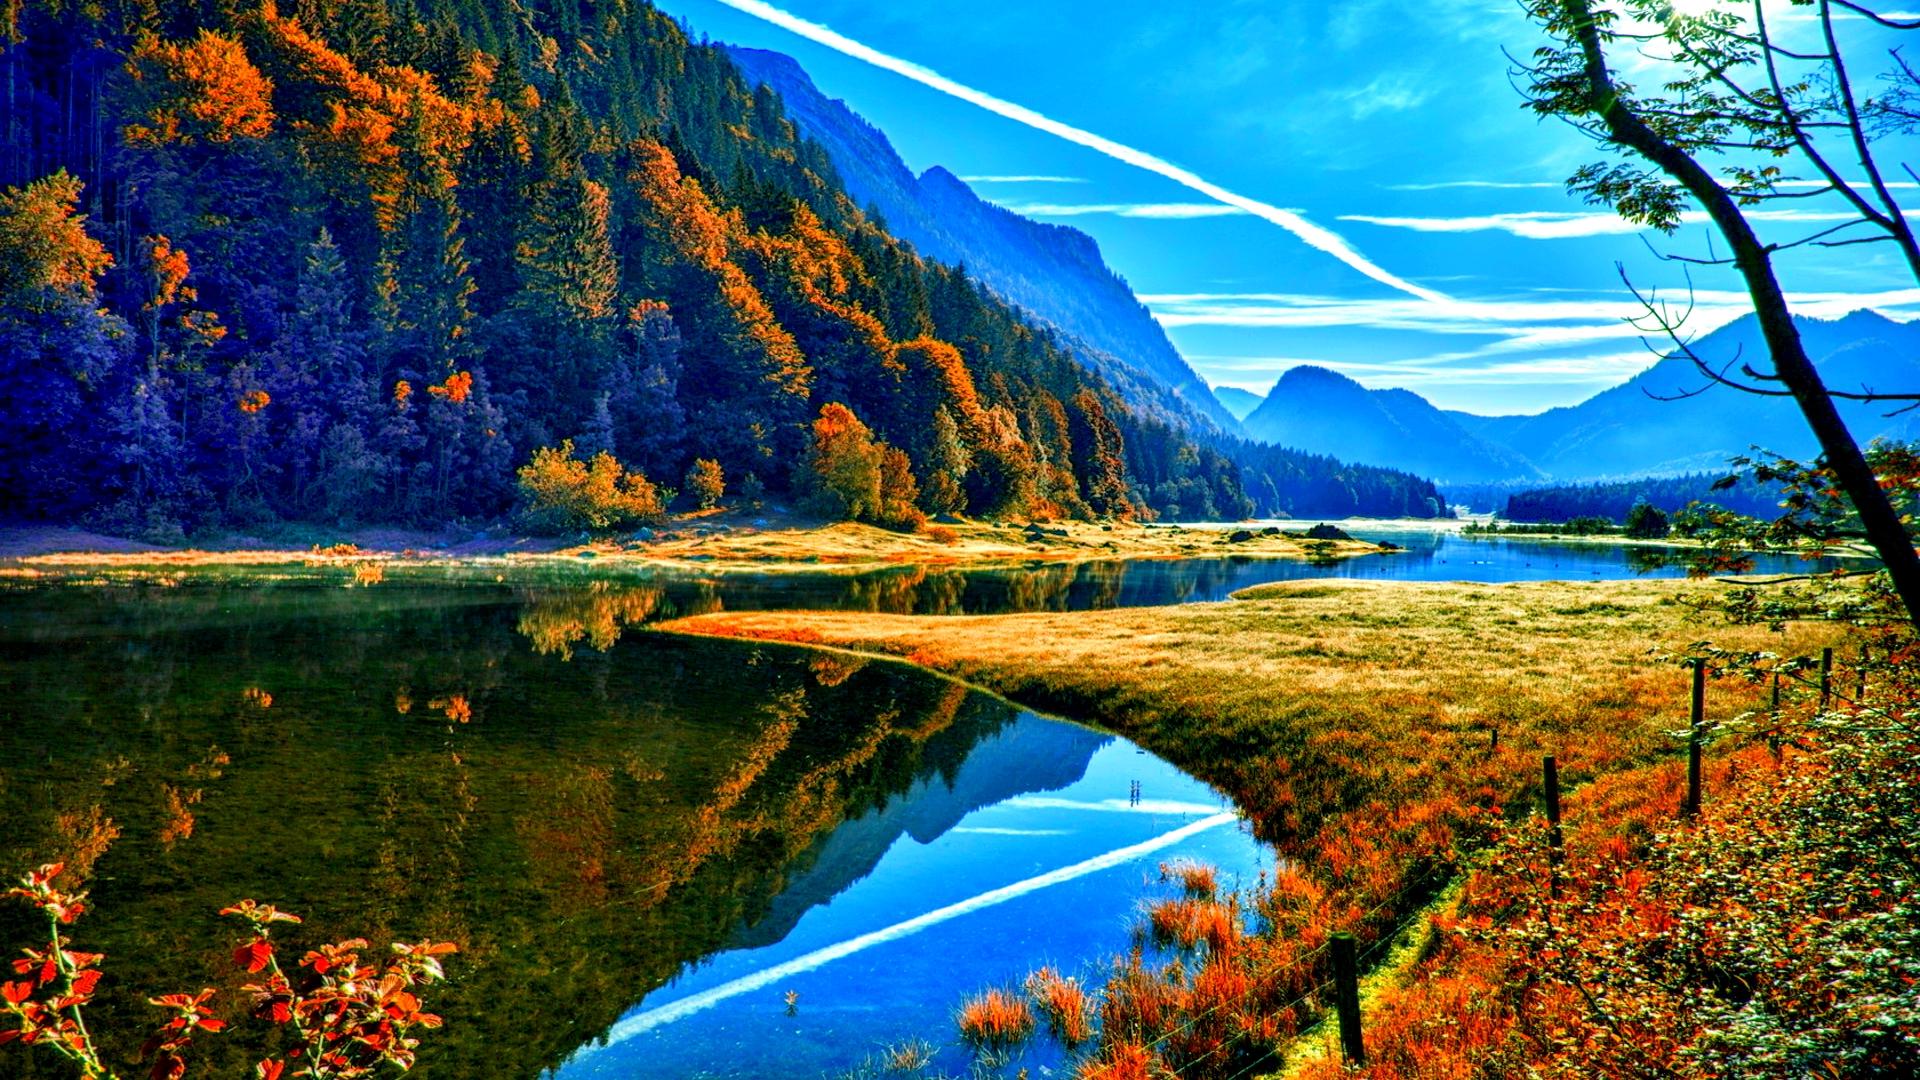 mountain river wallpaper 3   Winding Waters Clinic 1920x1080